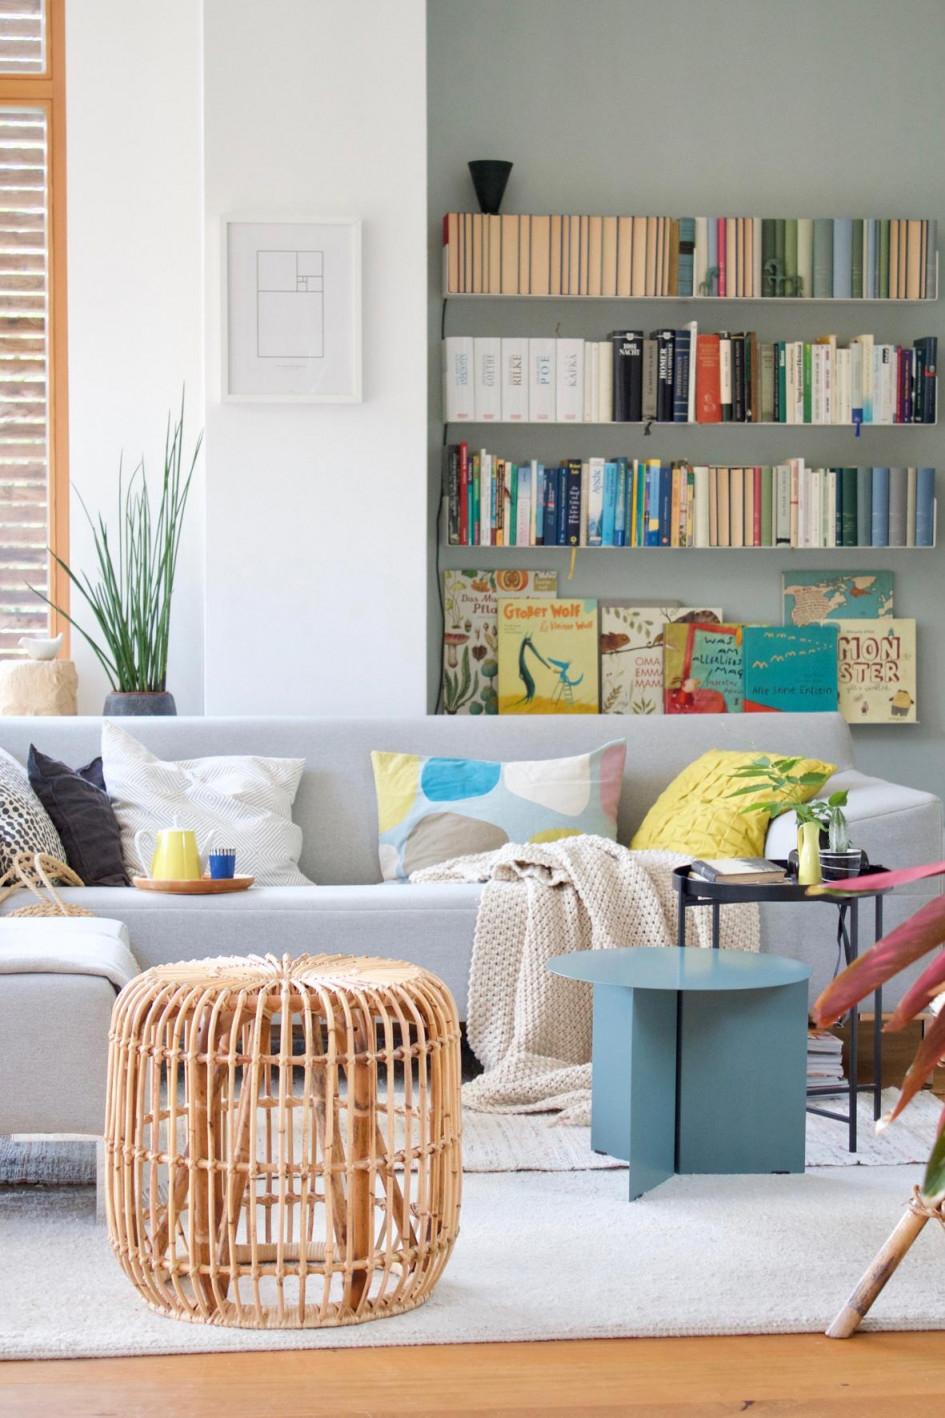 Sommerdeko Ideen Für Die Warme Jahreszeit von Sommer Deko Wohnzimmer Bild